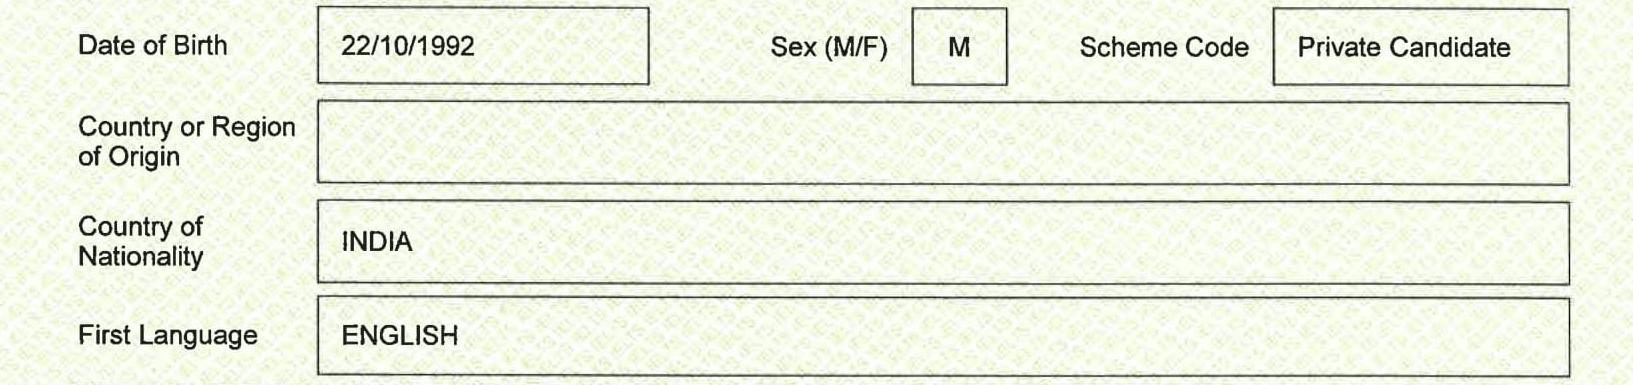 بخش اطلاعات تکمیلی داوطلب در کارنامه ielts